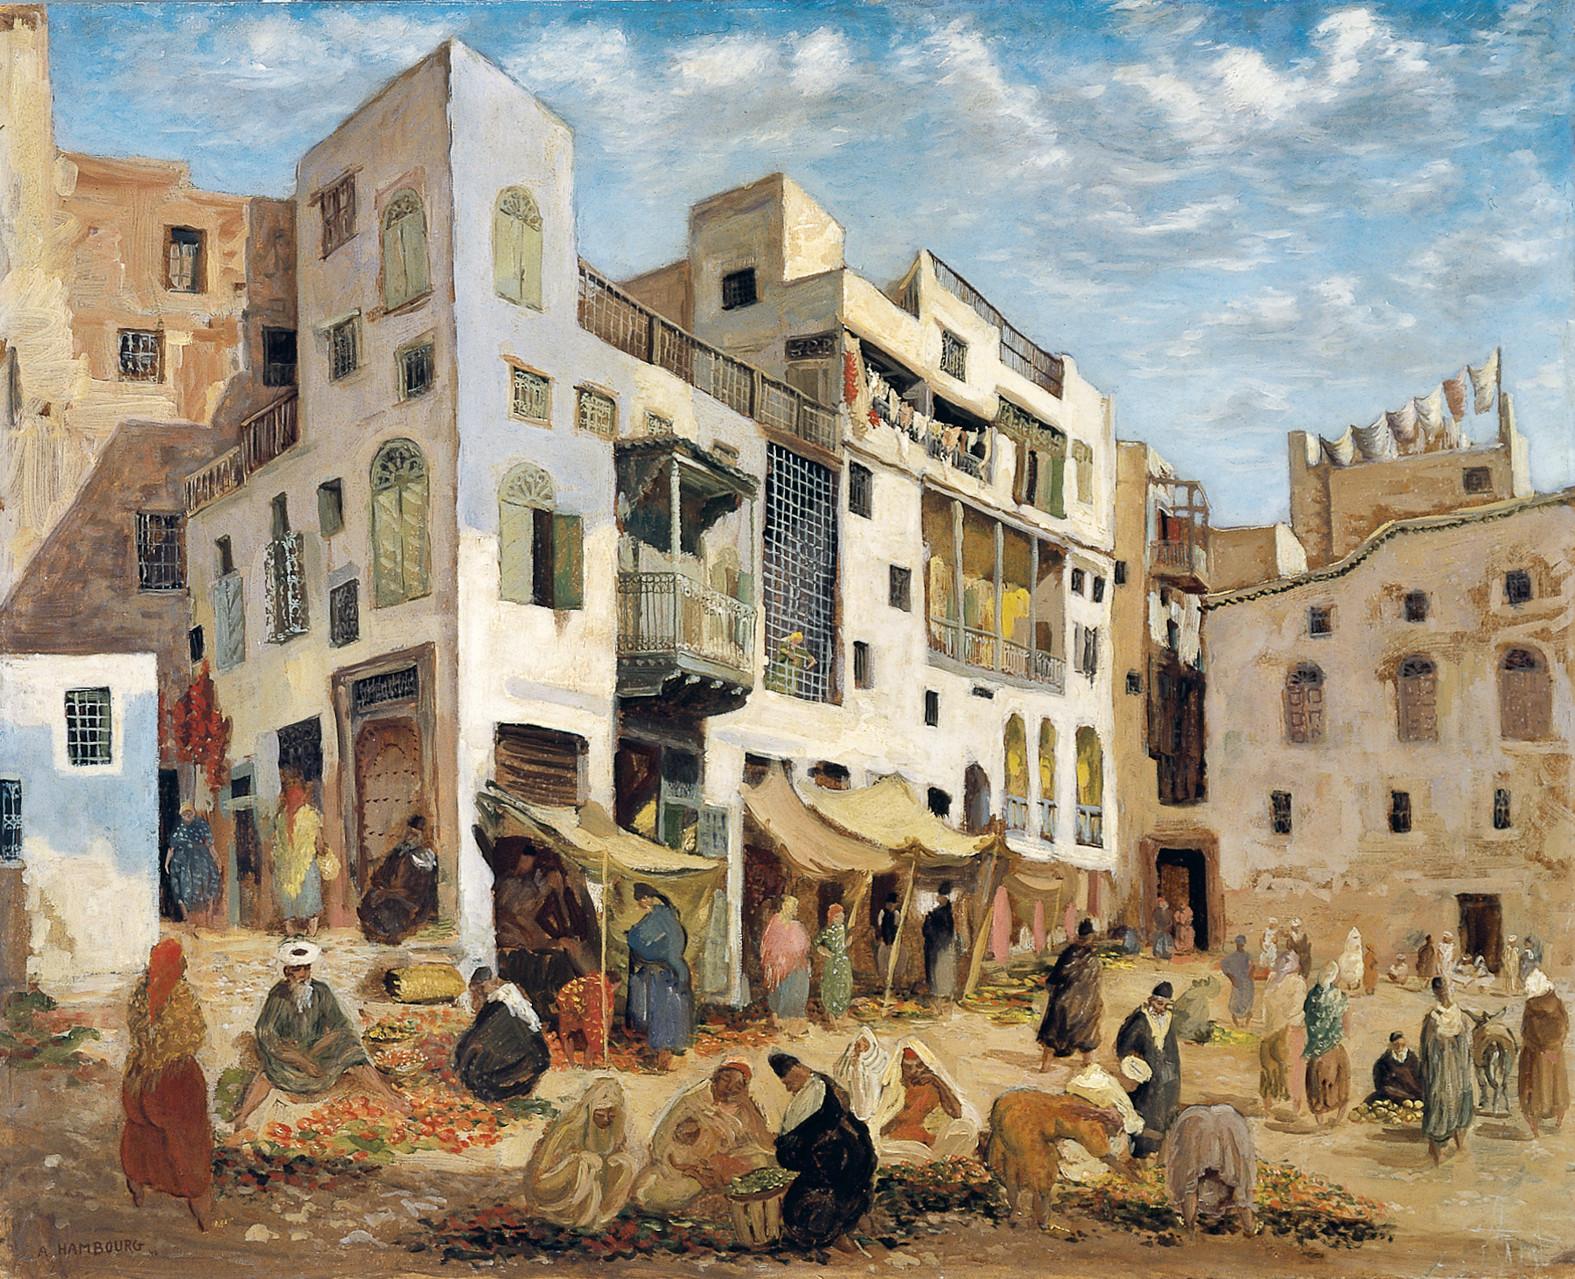 «Le marché du Mellah» 1940, 80cmx100cm, MG 124